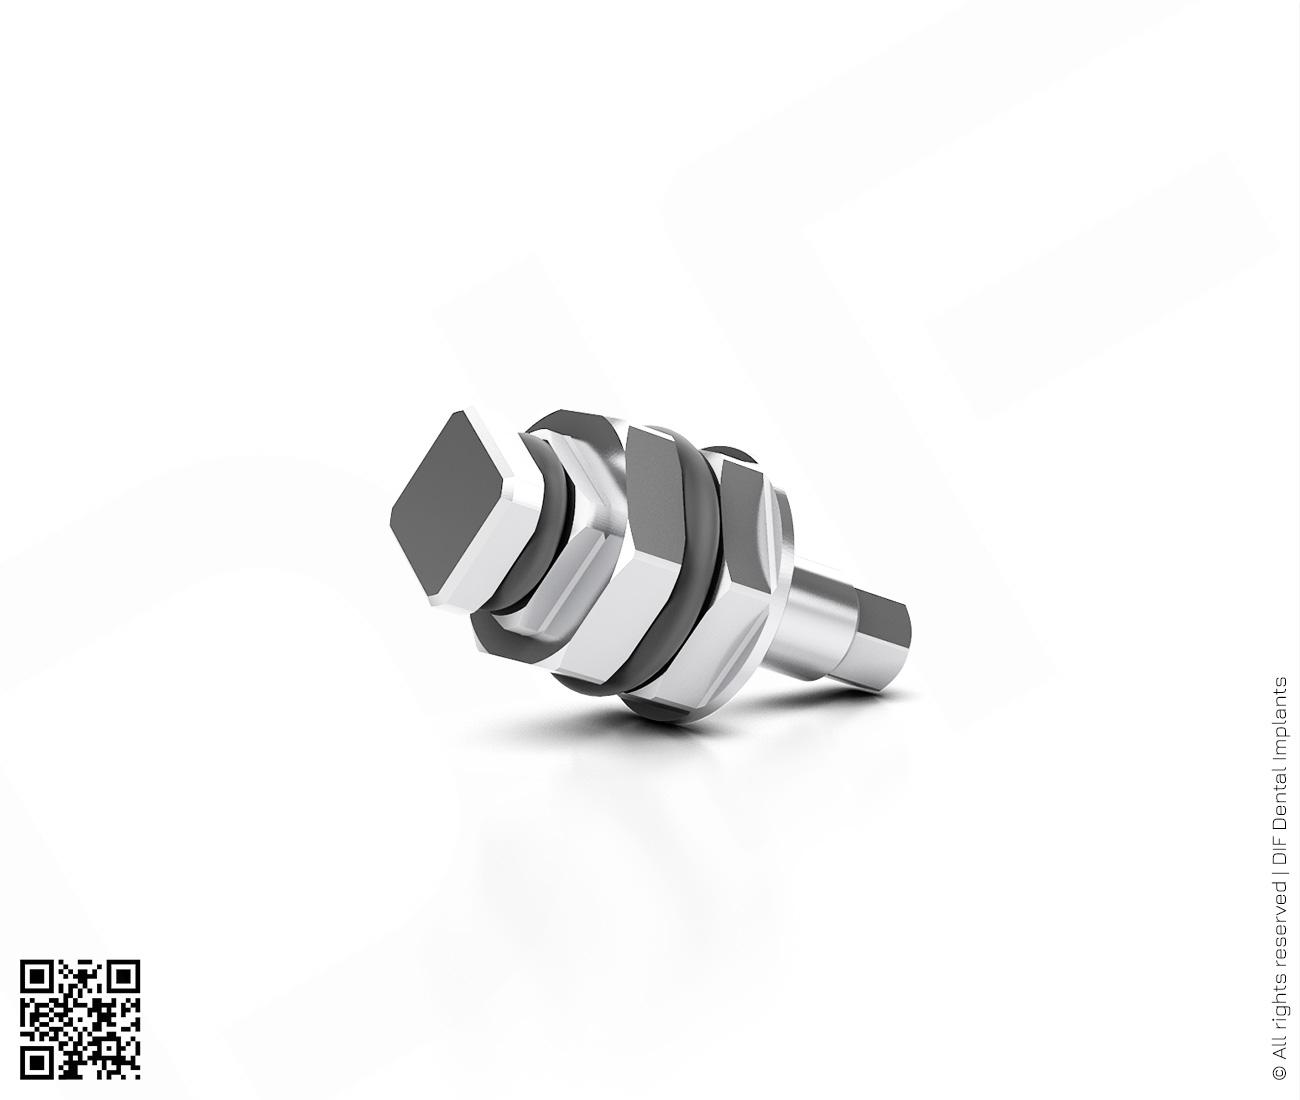 Фото отвертка шестигранная имплантовод d2.4 мм – l6.0 мм  производства DIF.